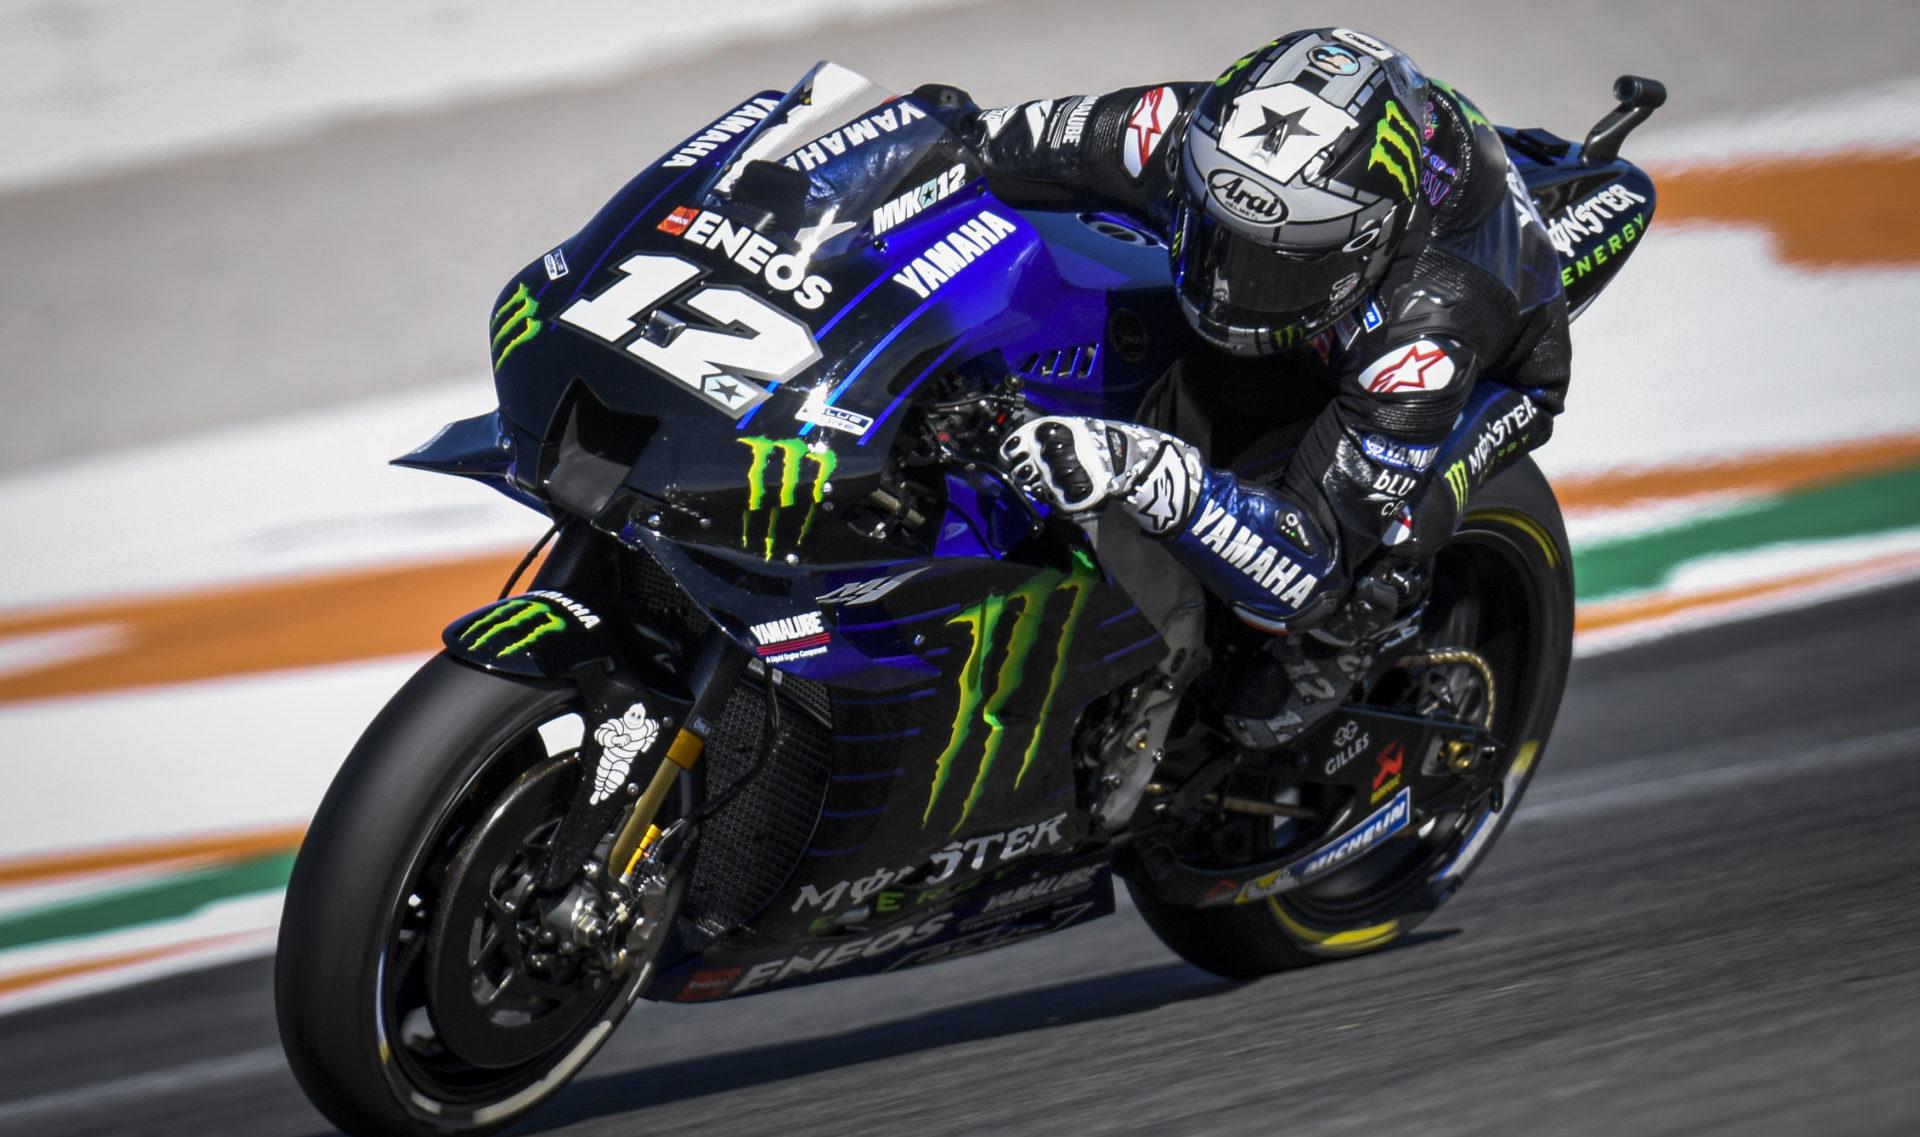 Akui Lagi Fokus Level Dewa, Vinales Malah Naik Motor Rossi